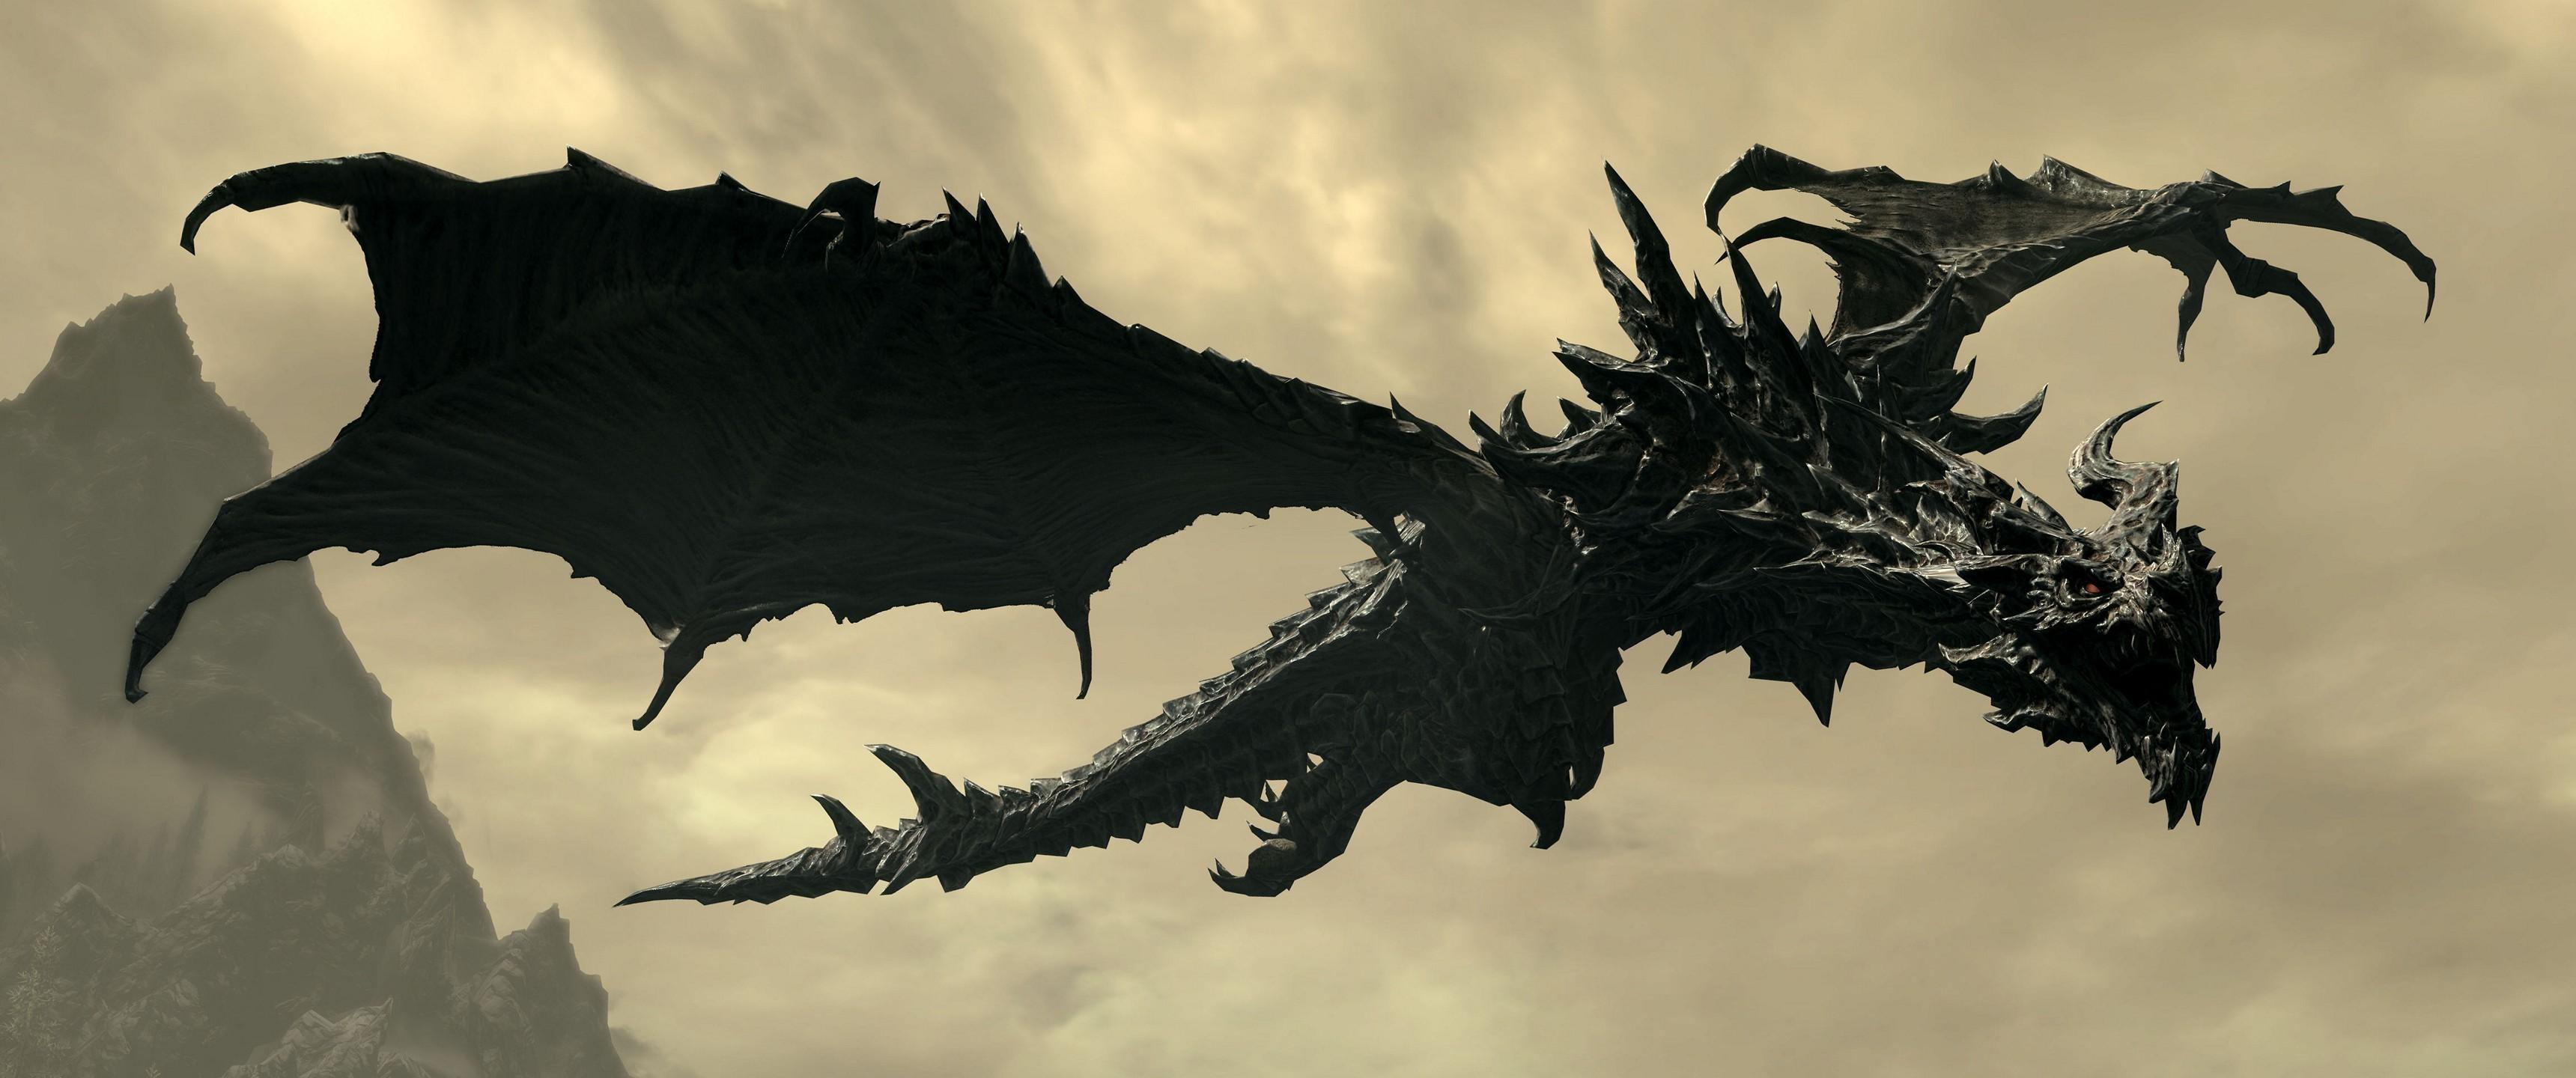 Alduin, Video Games, The Elder Scrolls V: Skyrim, Dragon Wallpapers HD /  Desktop and Mobile Backgrounds